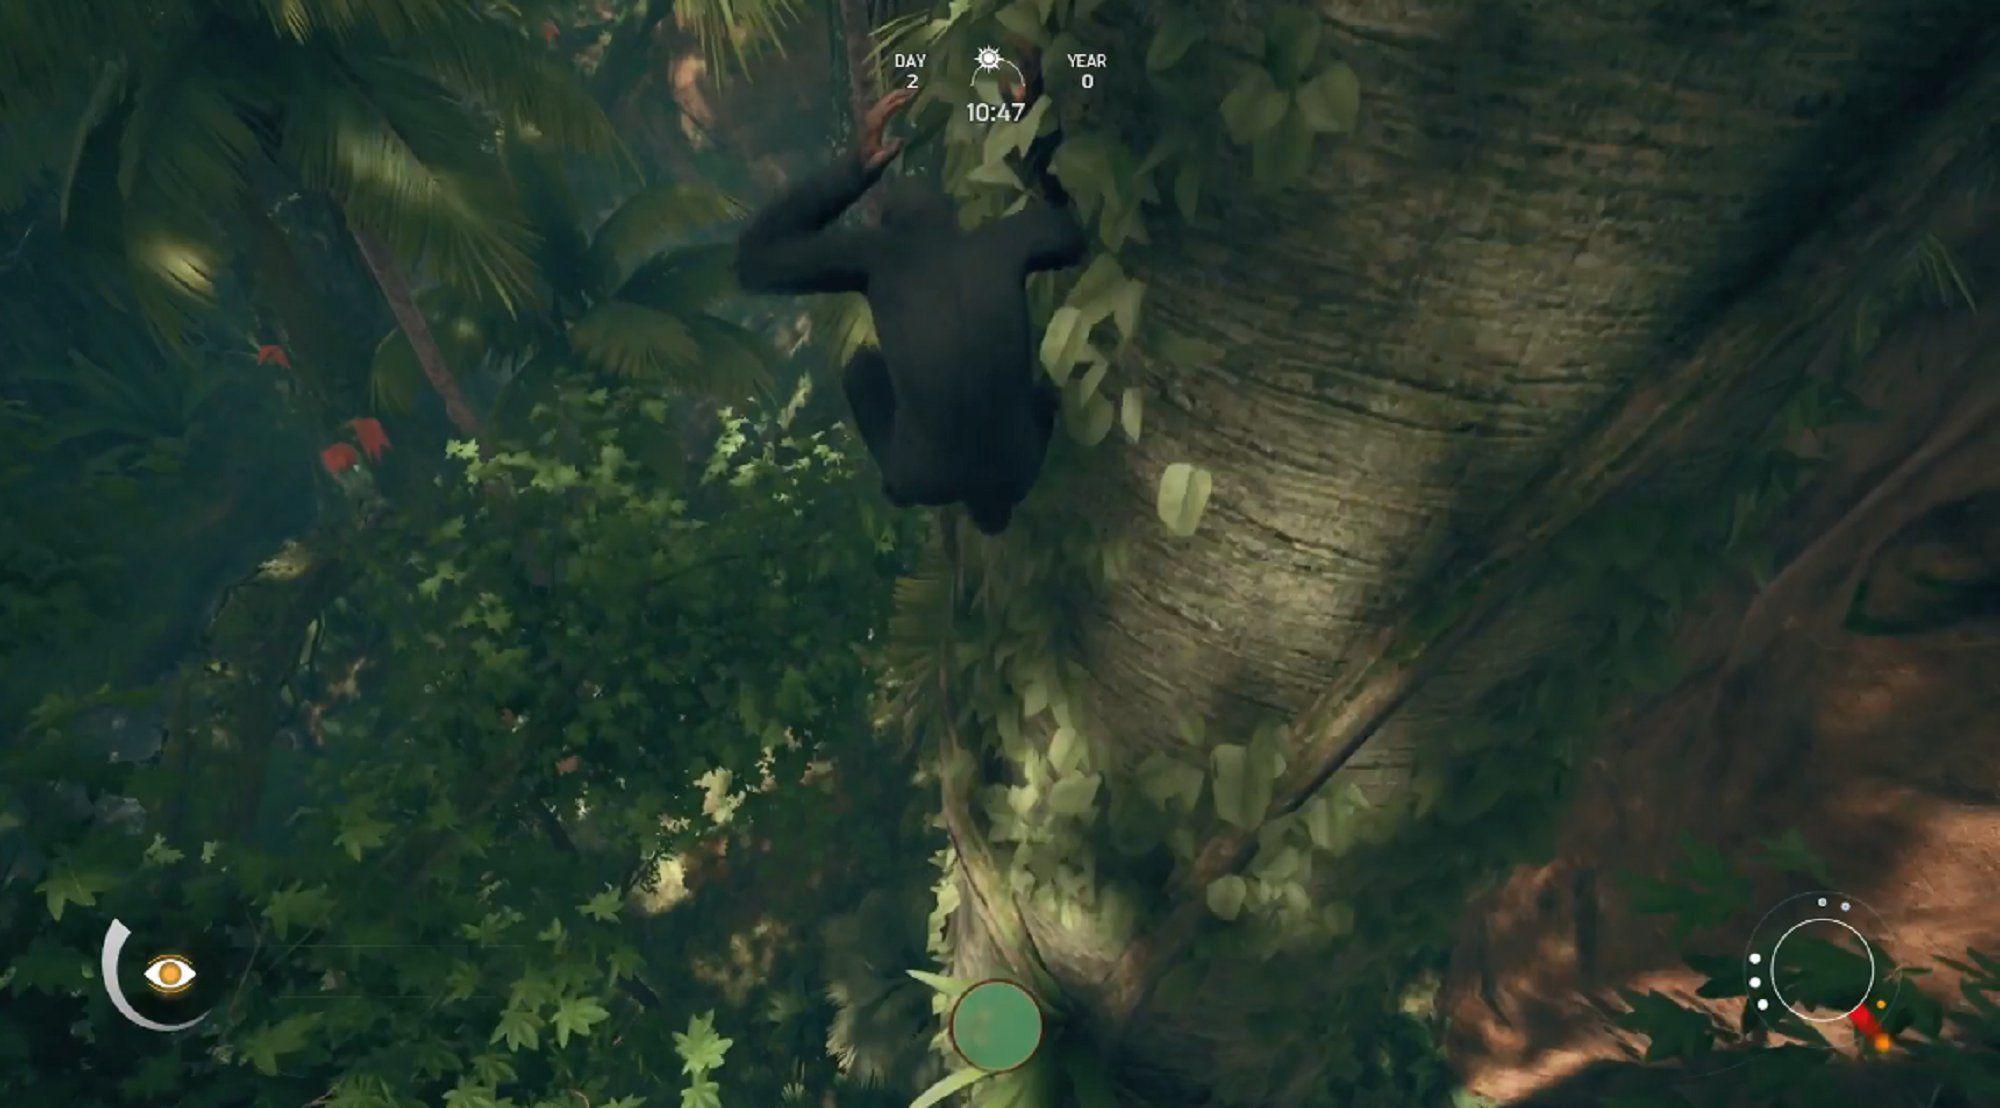 古猿模拟器游戏图1